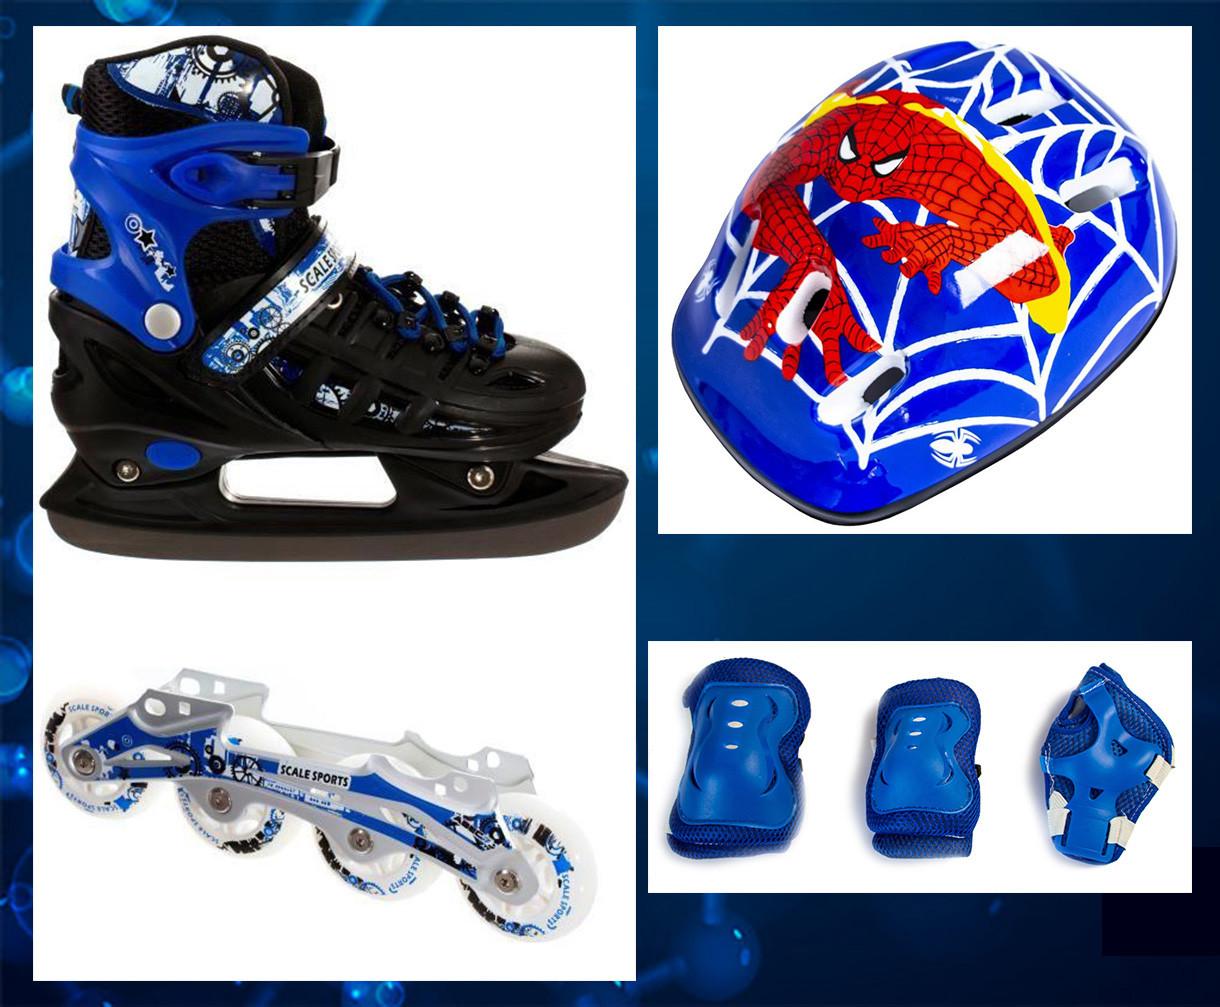 Детские Роликовые коньки+Шлем+Защита Scale Sport. Синий цвет  (2в1), размер 29-33, 34-37, 38-41.